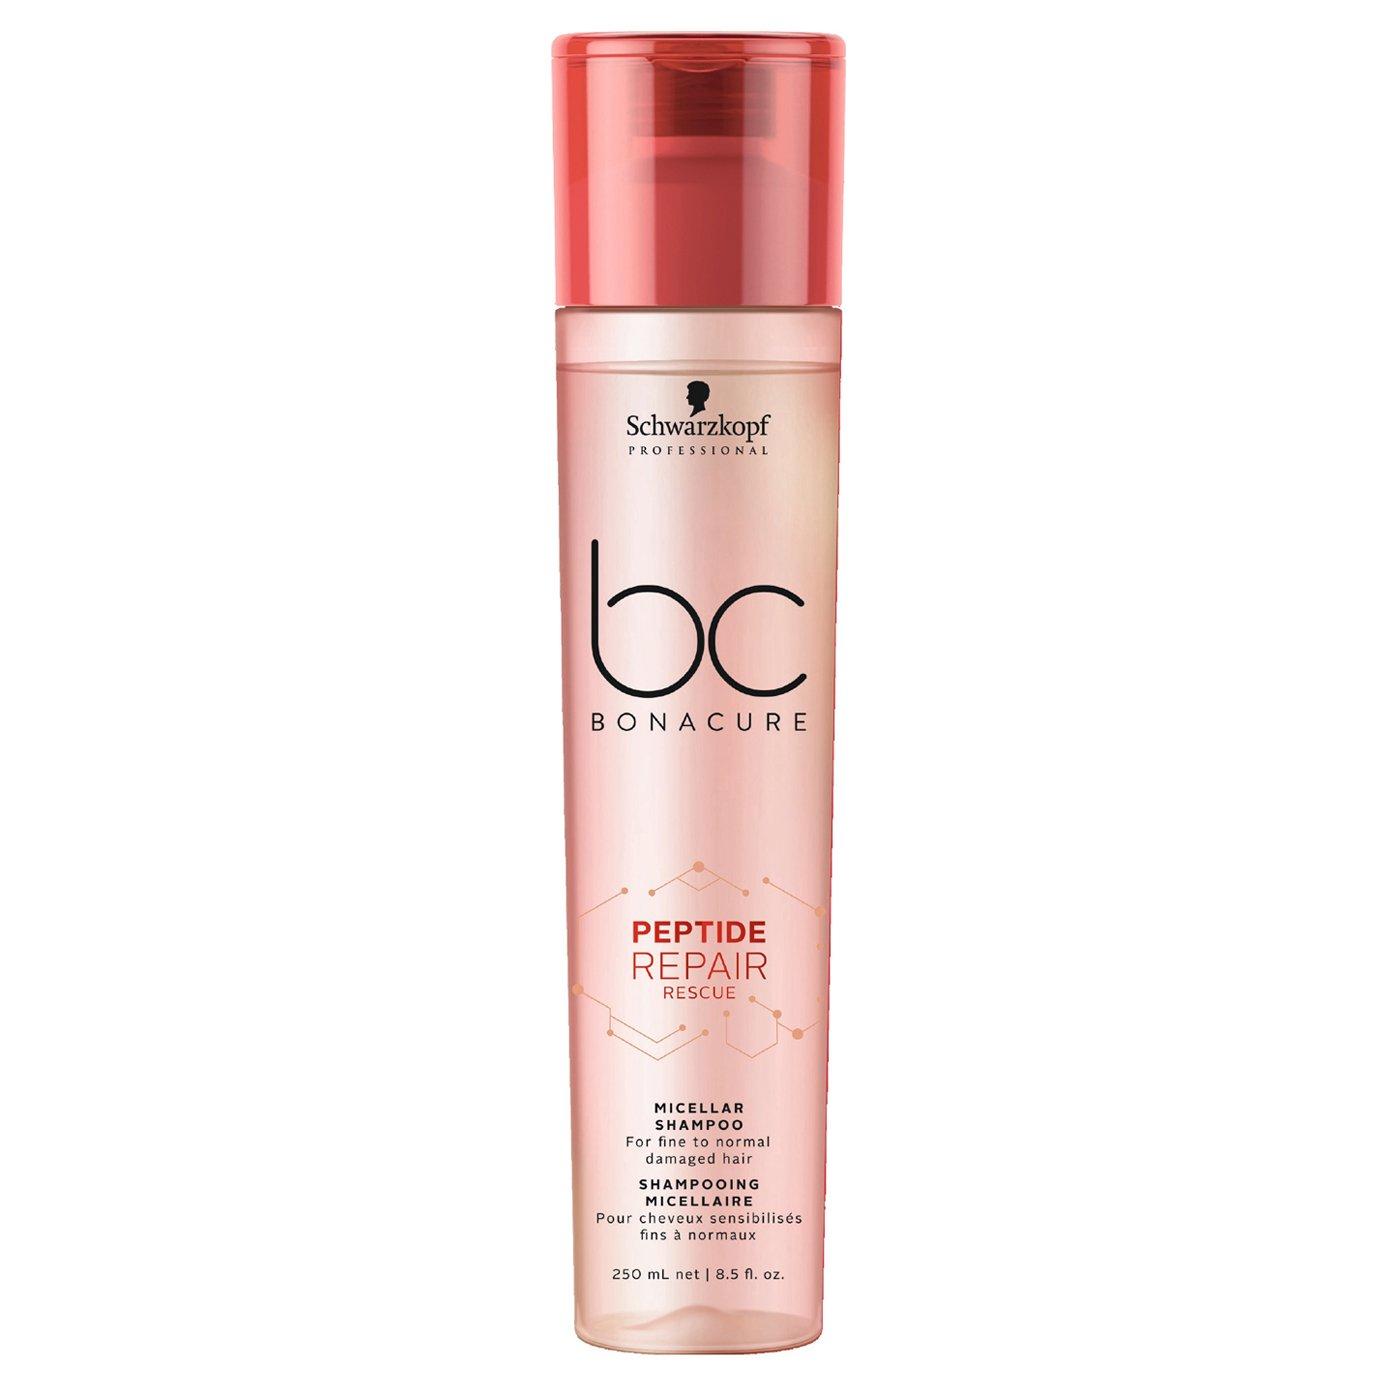 Schwarzkopf Bonaсure Peptide Repair shampoo review питающий восстанавливающий шампунь для натуаральных волос как ухаживать за волосами